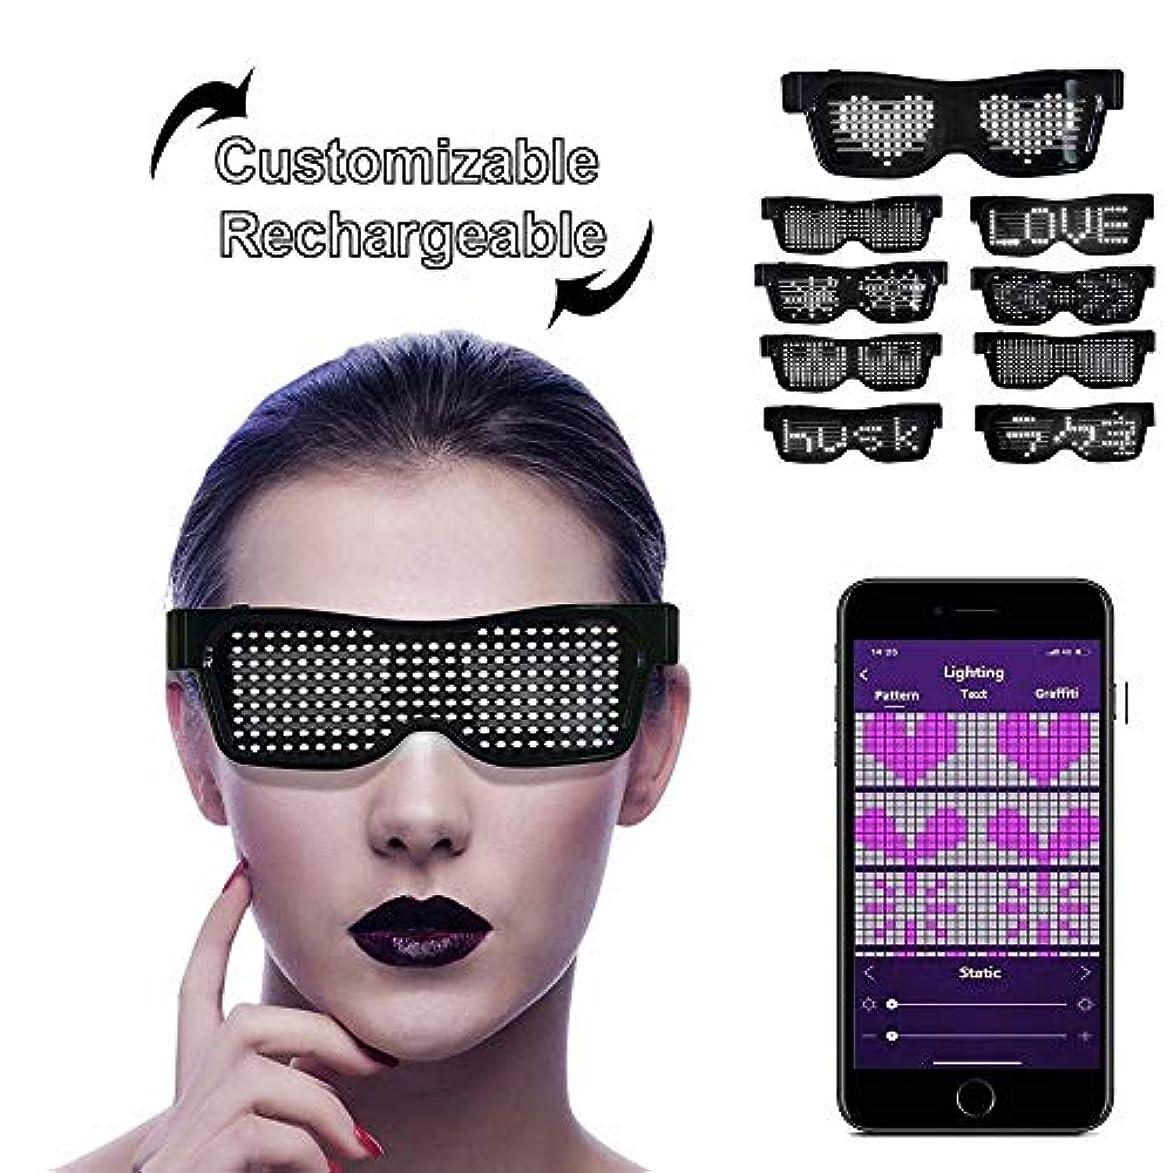 間違えたピアノを弾くかなりLEDサングラス, LEDメガネ ブルートゥースLEDパーティーメガネカスタマイズ可能なLEDメガネUSB充電式9モードワイヤレス点滅LEDディスプレイ、フェスティバル用グロー眼鏡レイヴパーティー